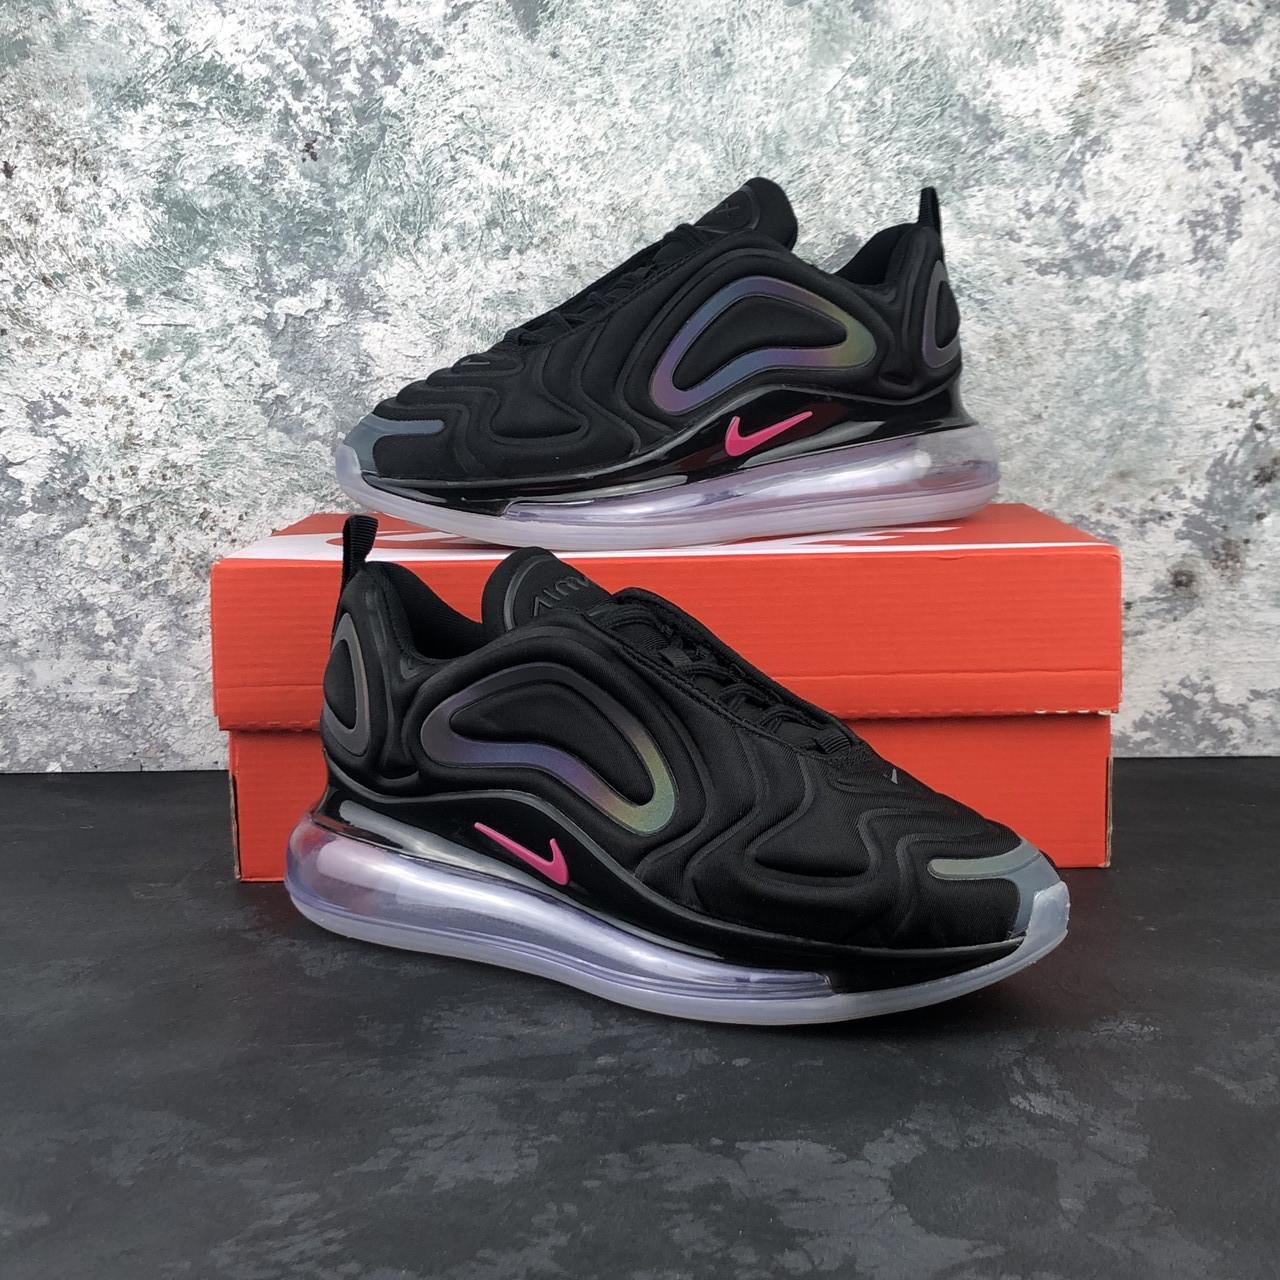 4fa0a5d0 Мужские кроссовки Nike Air Max 720 Multicolor - Good Shoes Ua в Харькове